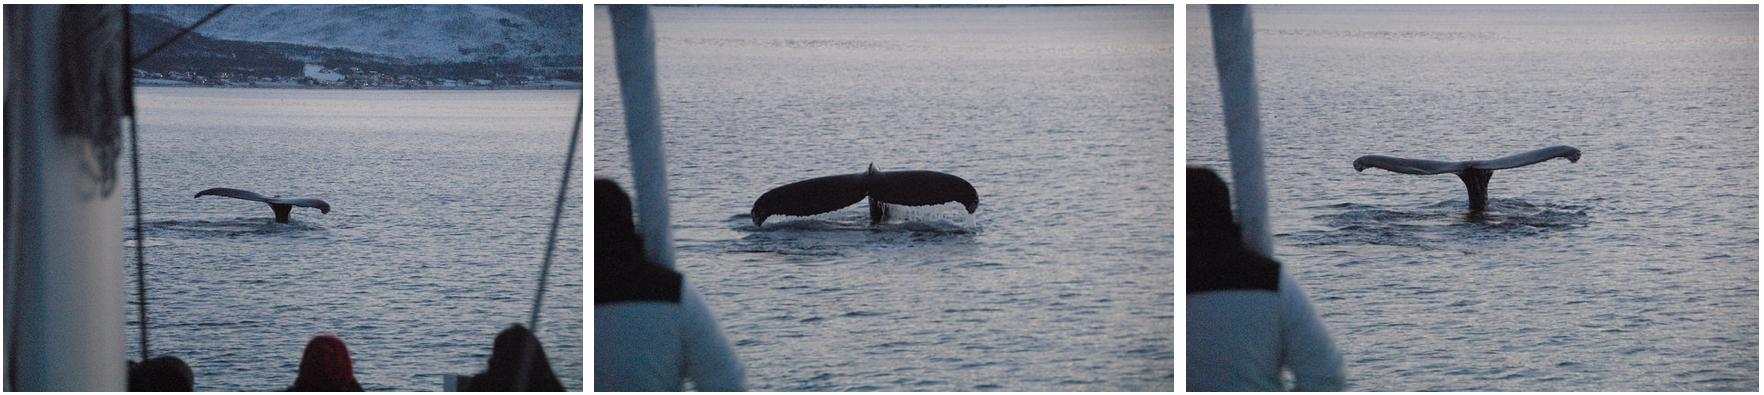 whalesafari Ciustomer from MalaysiaI